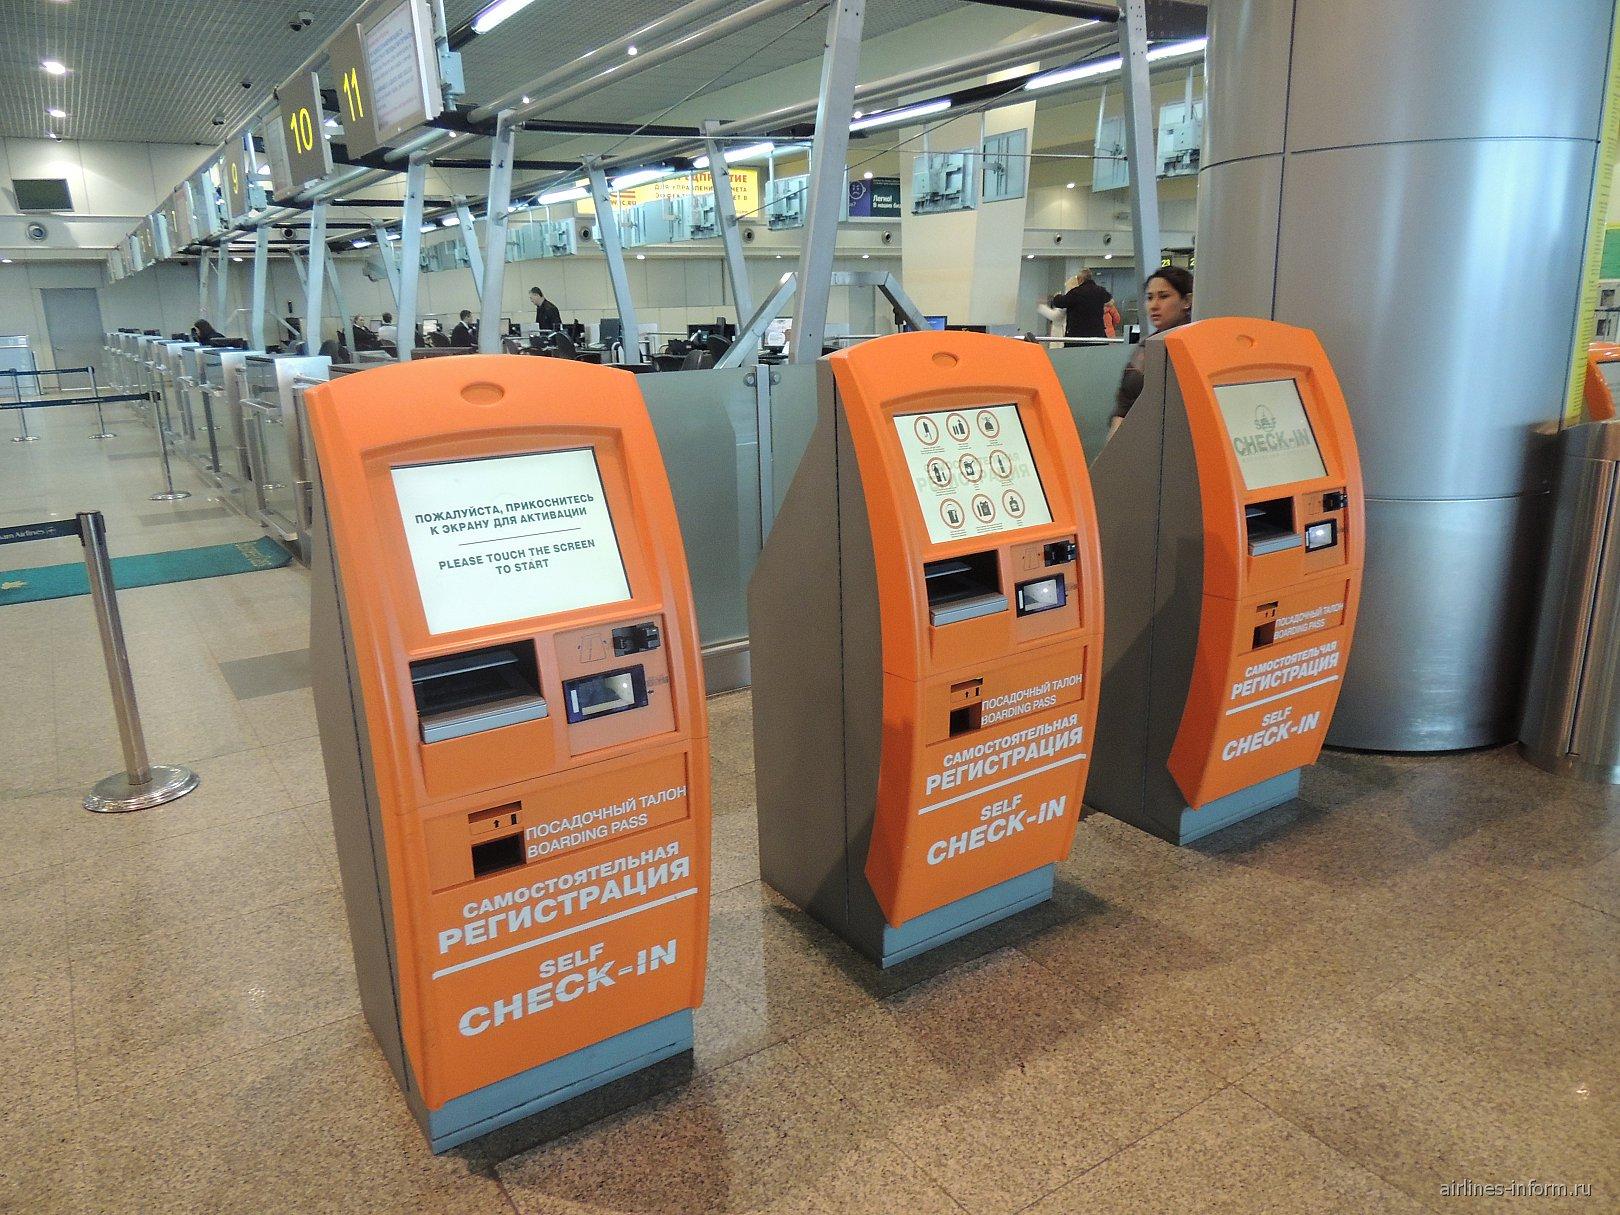 Киоски самостоятельной регистрации в аэропорту Домодедово